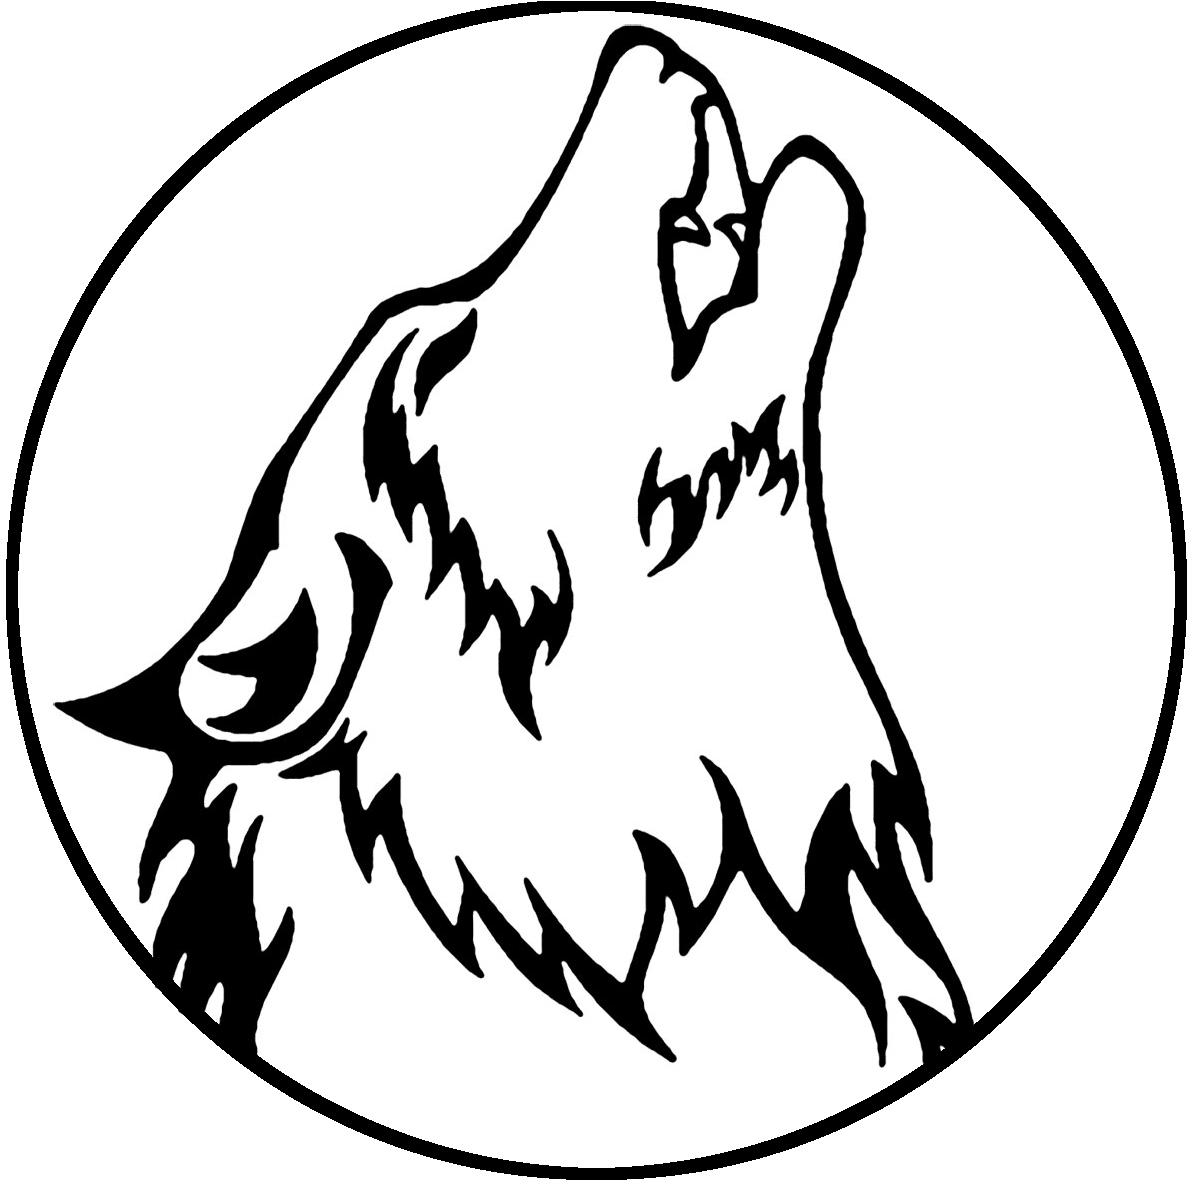 картинка для выжигания волк воет на луну можно сочетать